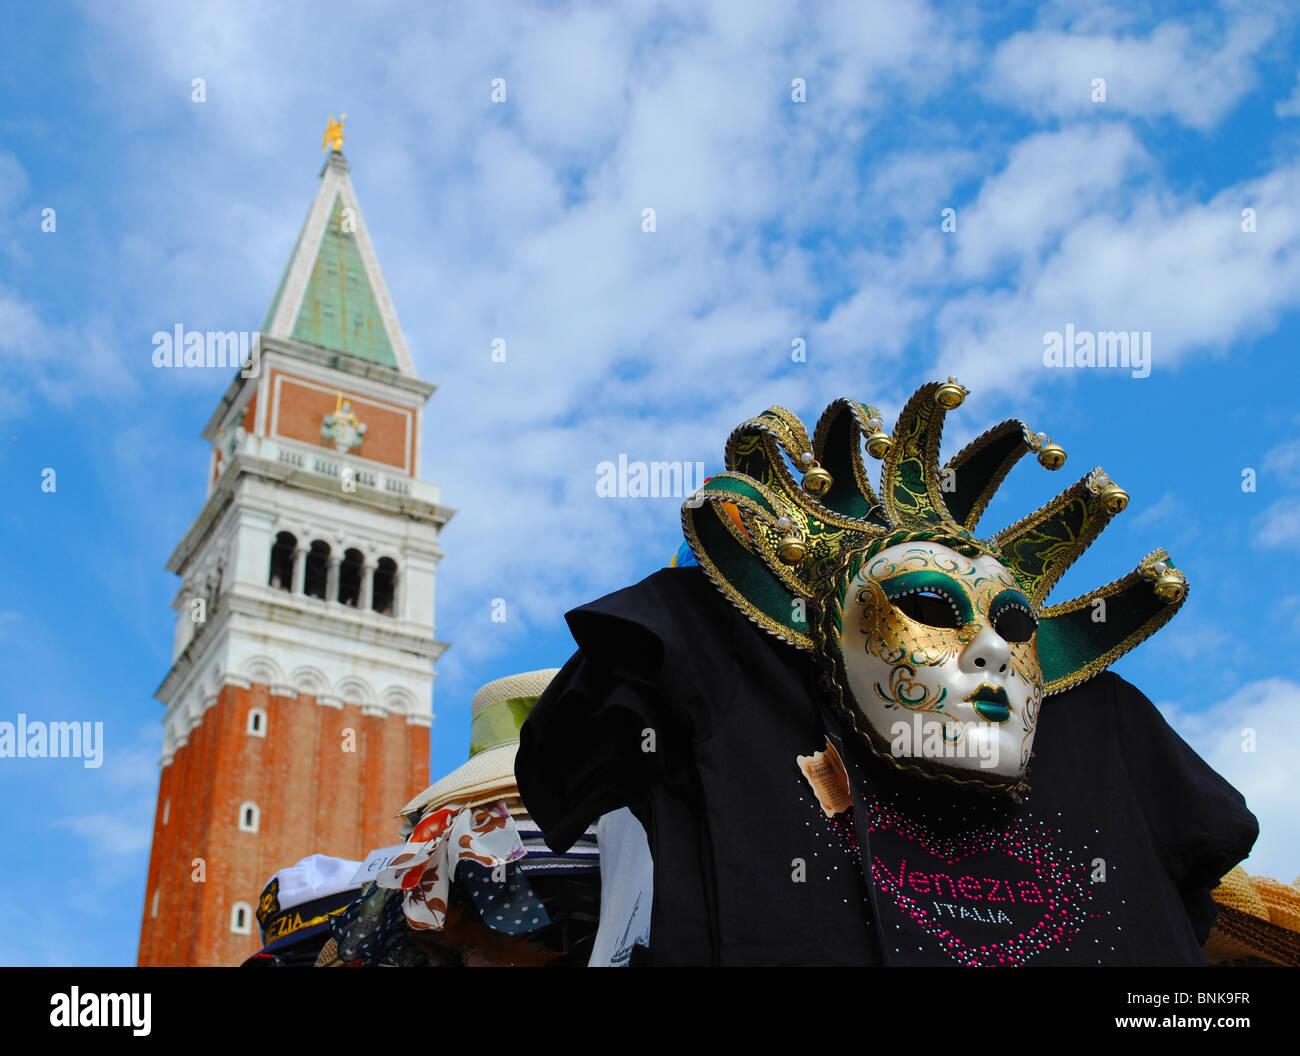 Masque et clocher de la place Saint-Marc, Venise, Italie Photo Stock